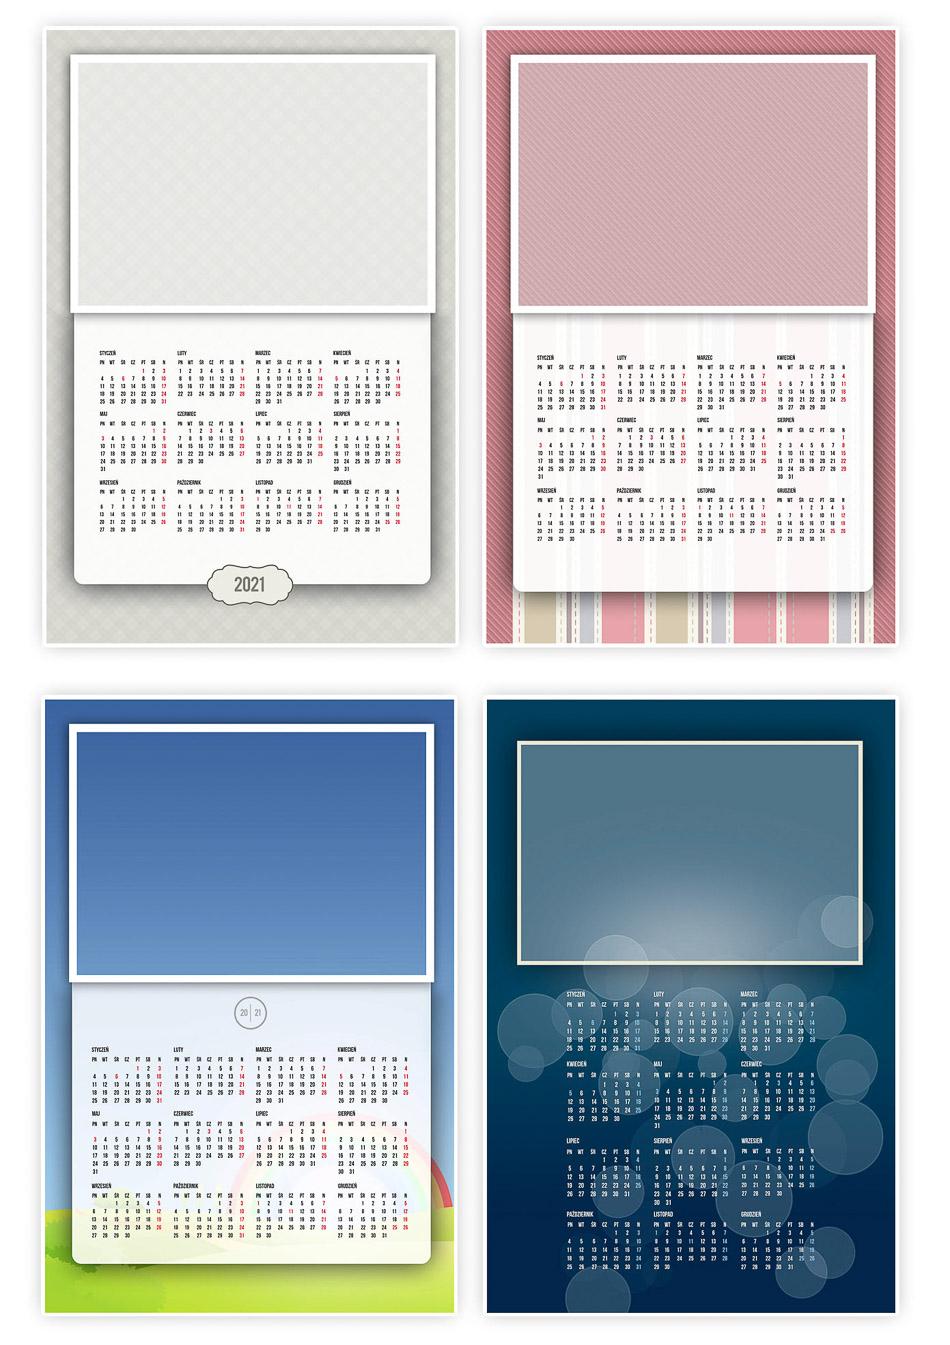 kalendarz miesięczny 2021 do druku 300dpi